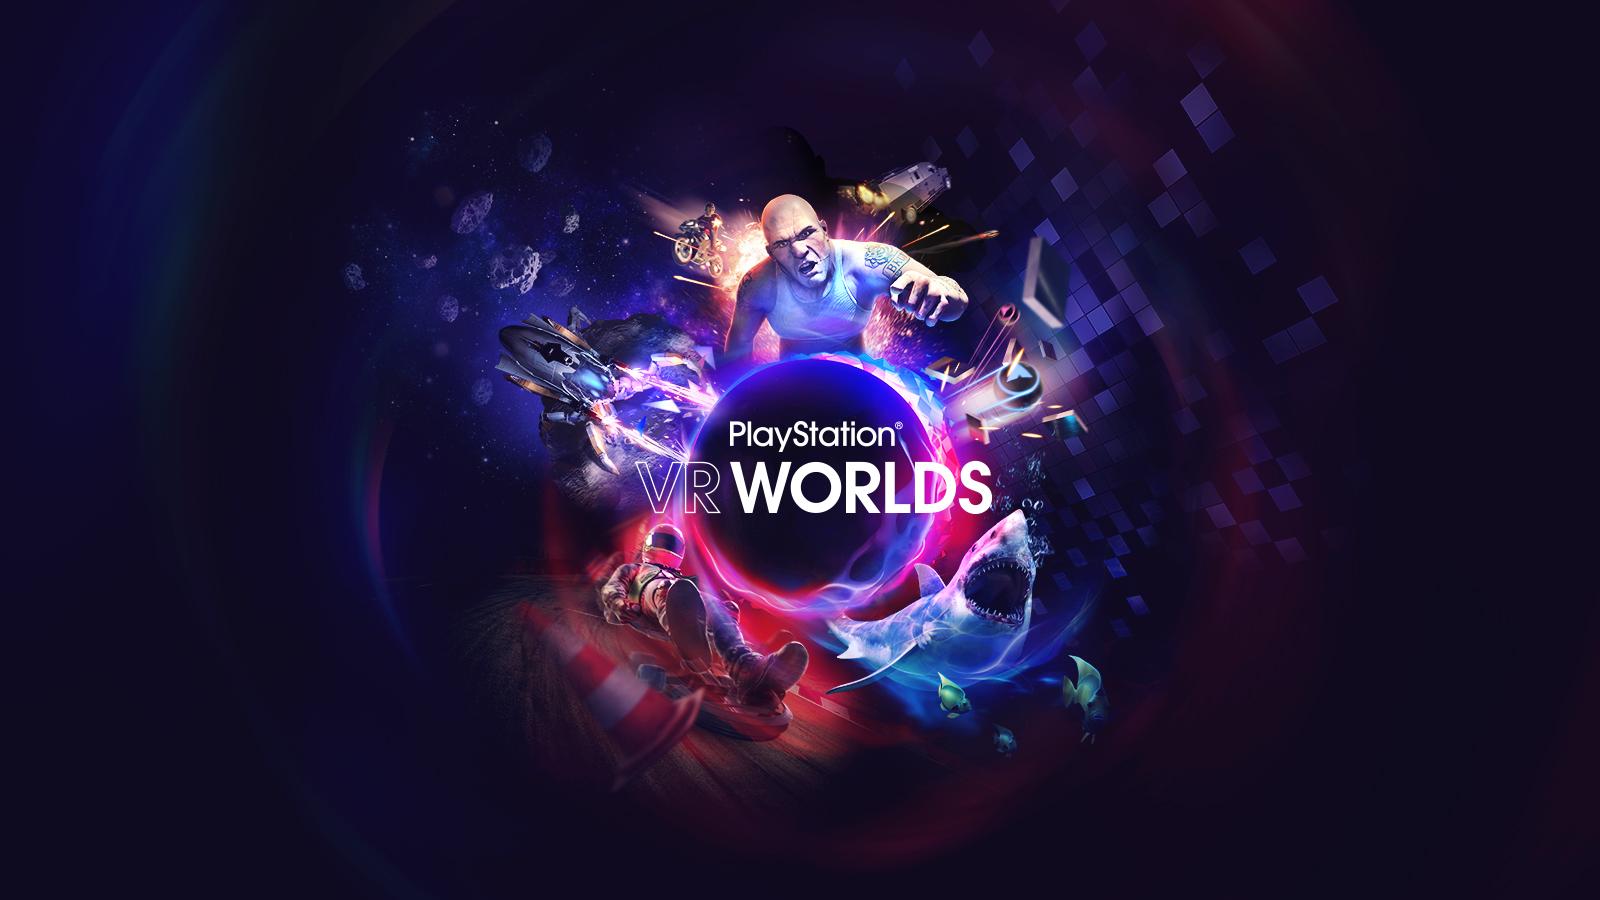 Top 10 Jeux VR - 09 PlayStation VR Worlds